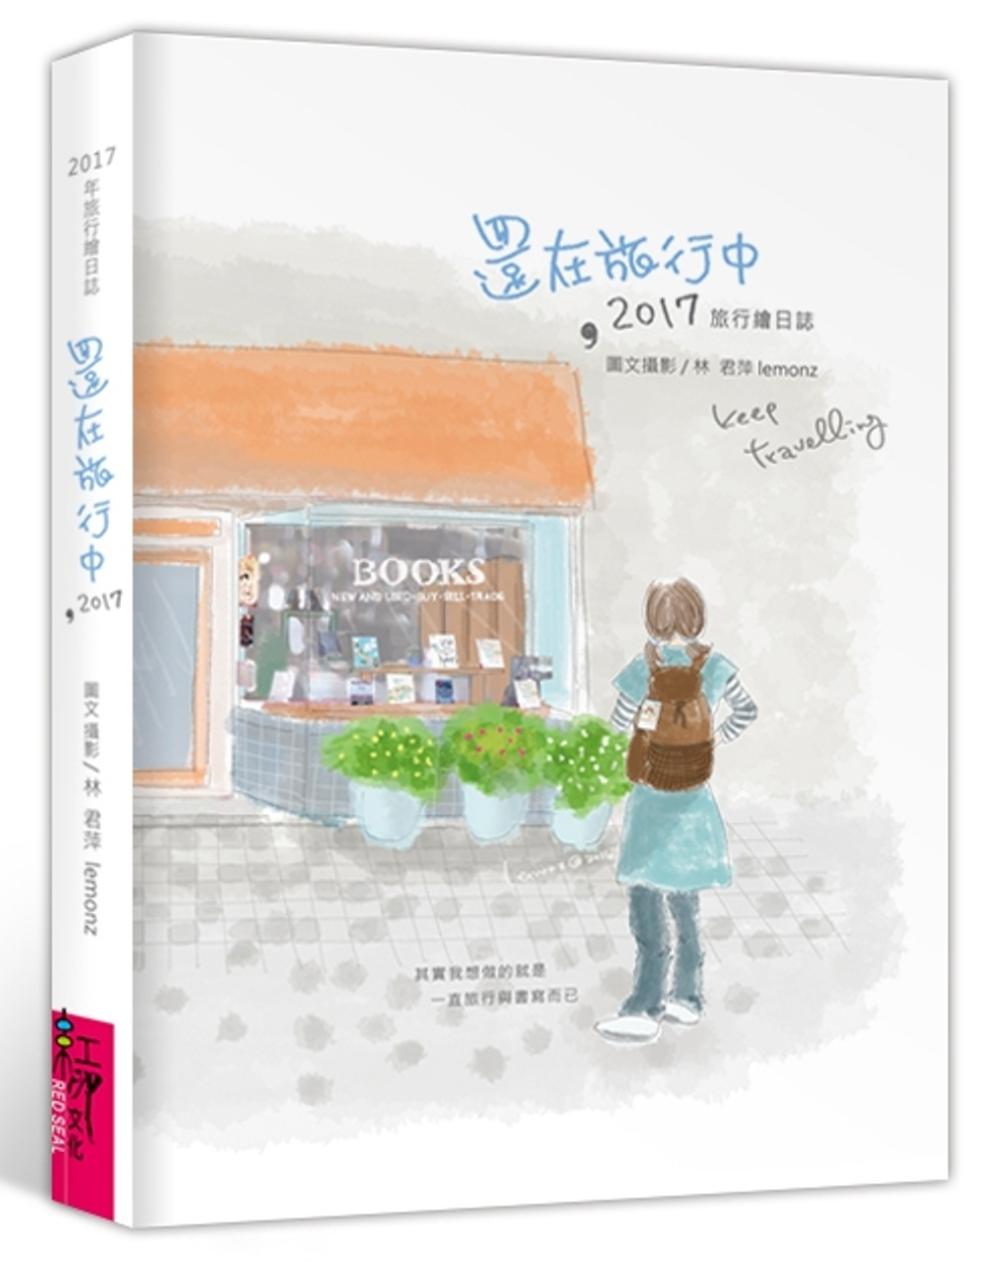 還在旅行中,2017:旅行繪日誌